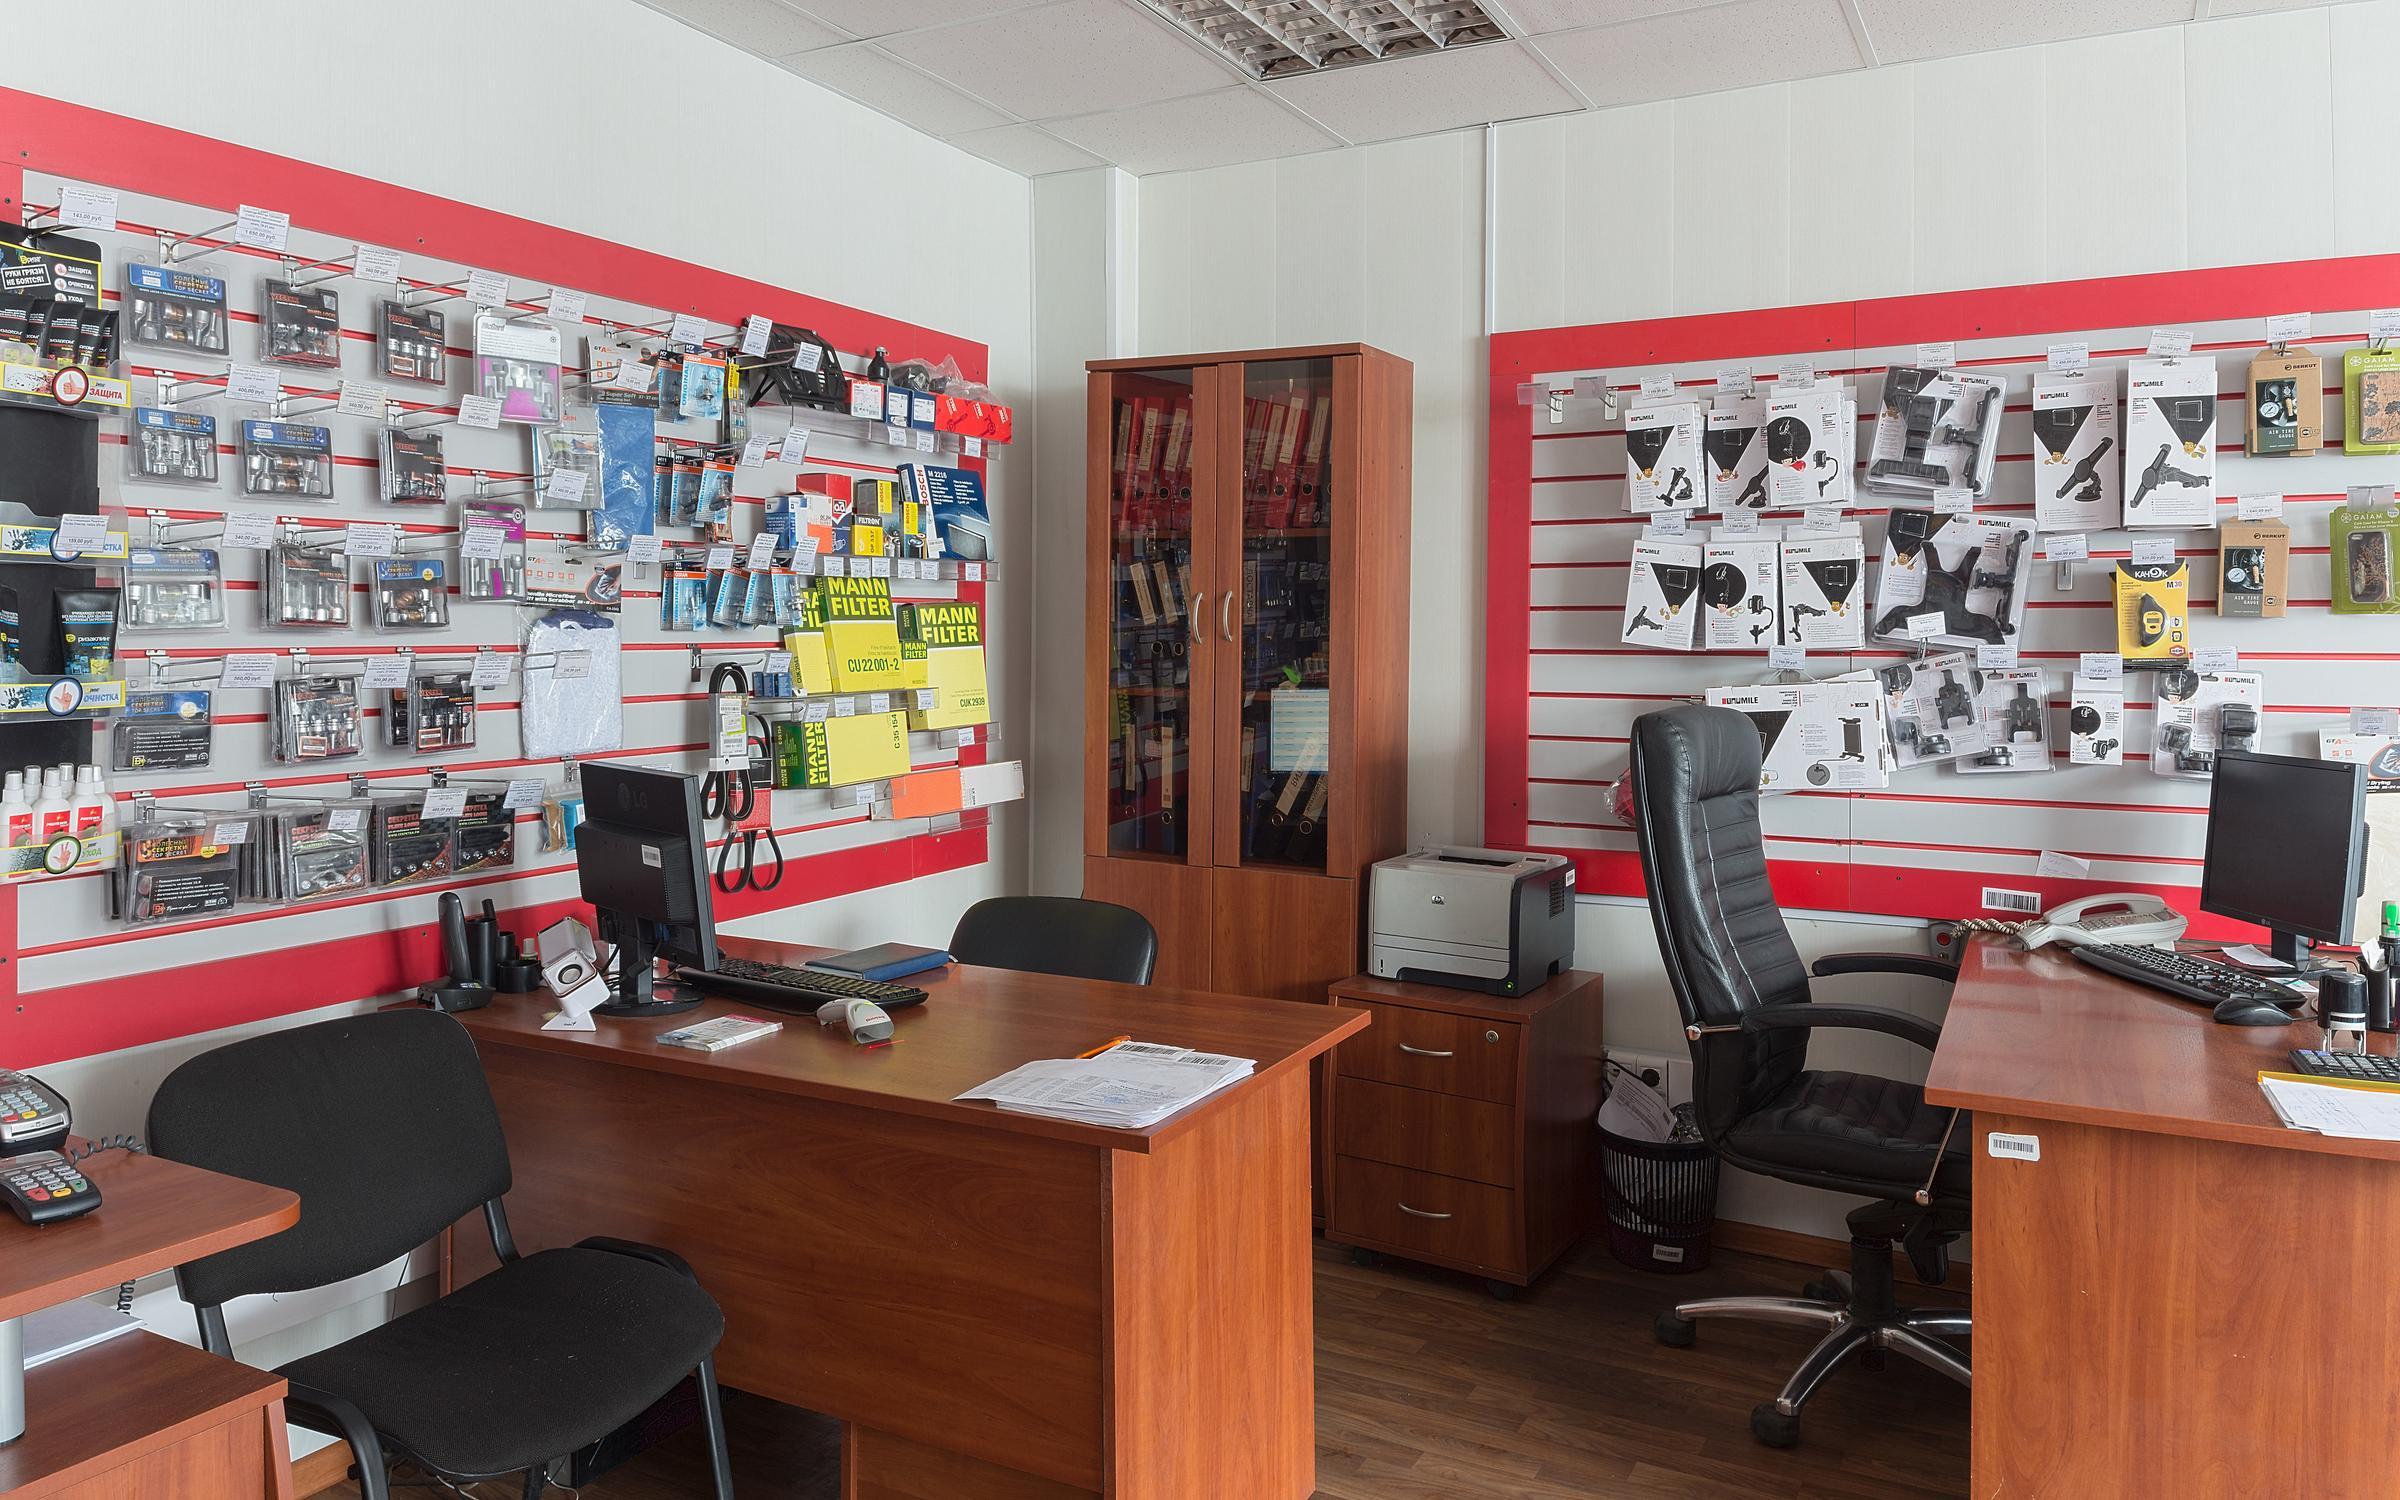 фотография Сервисного центра На Колесах.ru в Гольяново